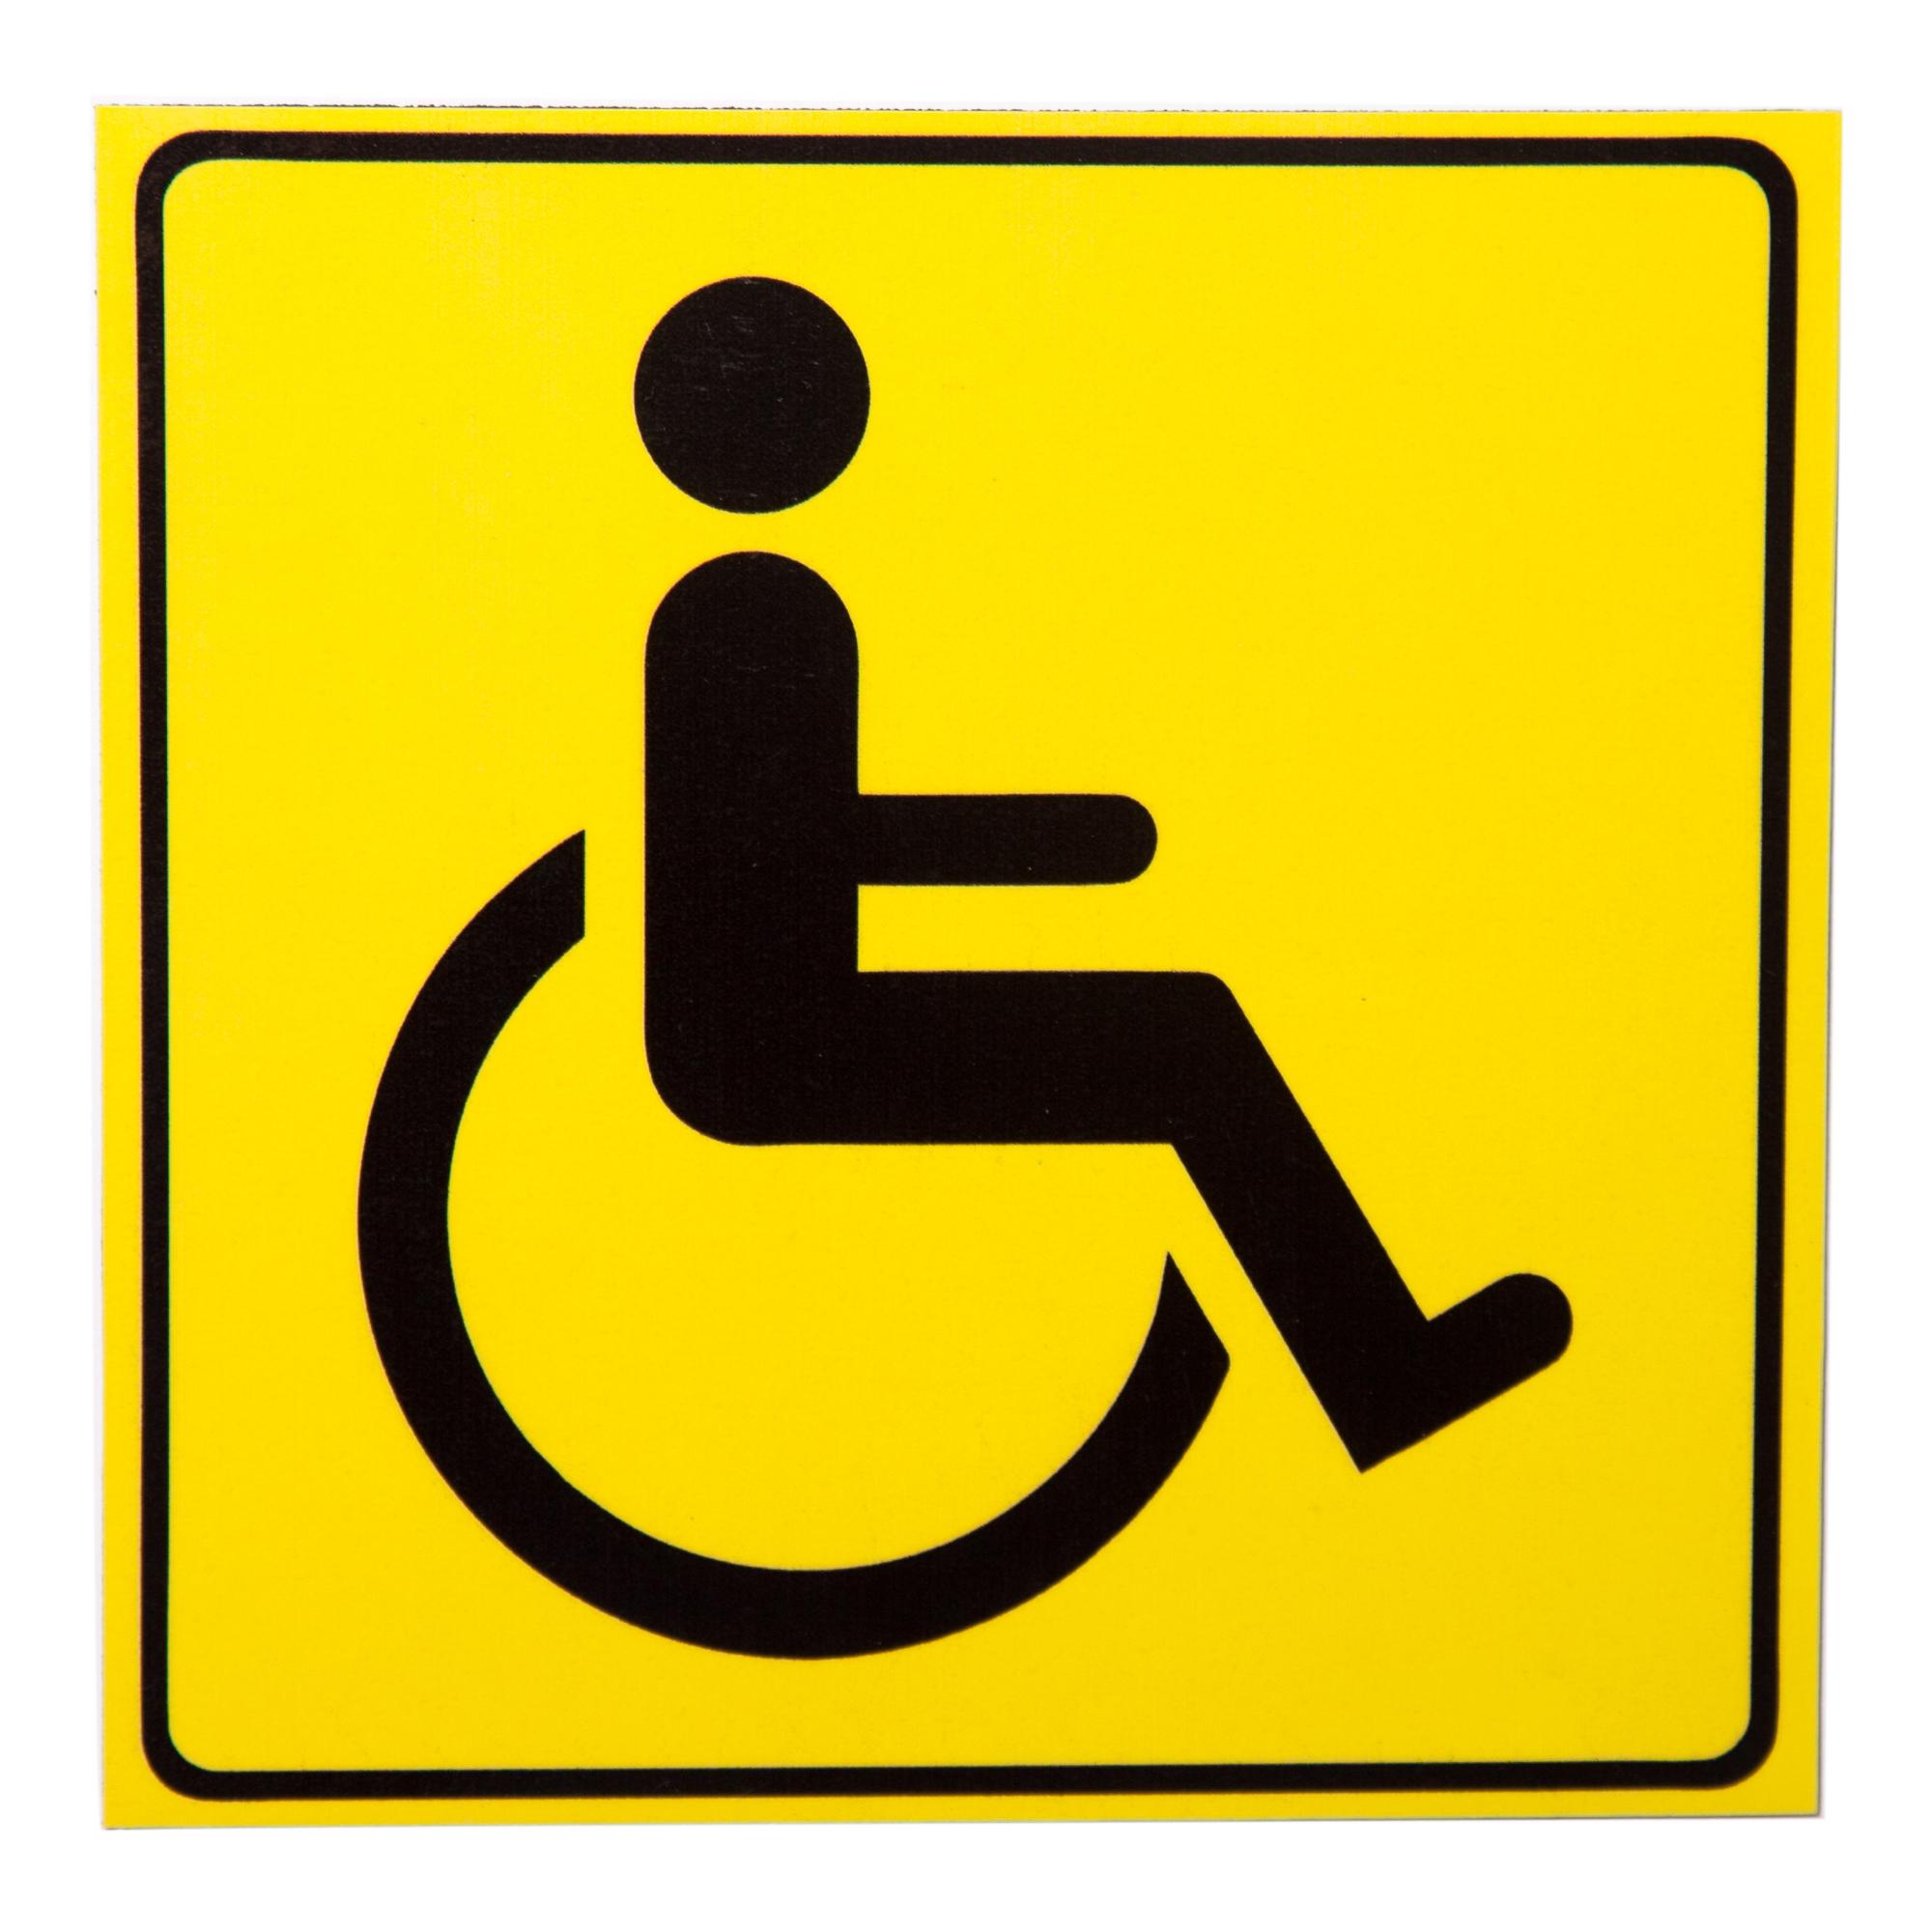 Магнит для авто Оранжевый Слоник Инвалид автознак инвалид купить